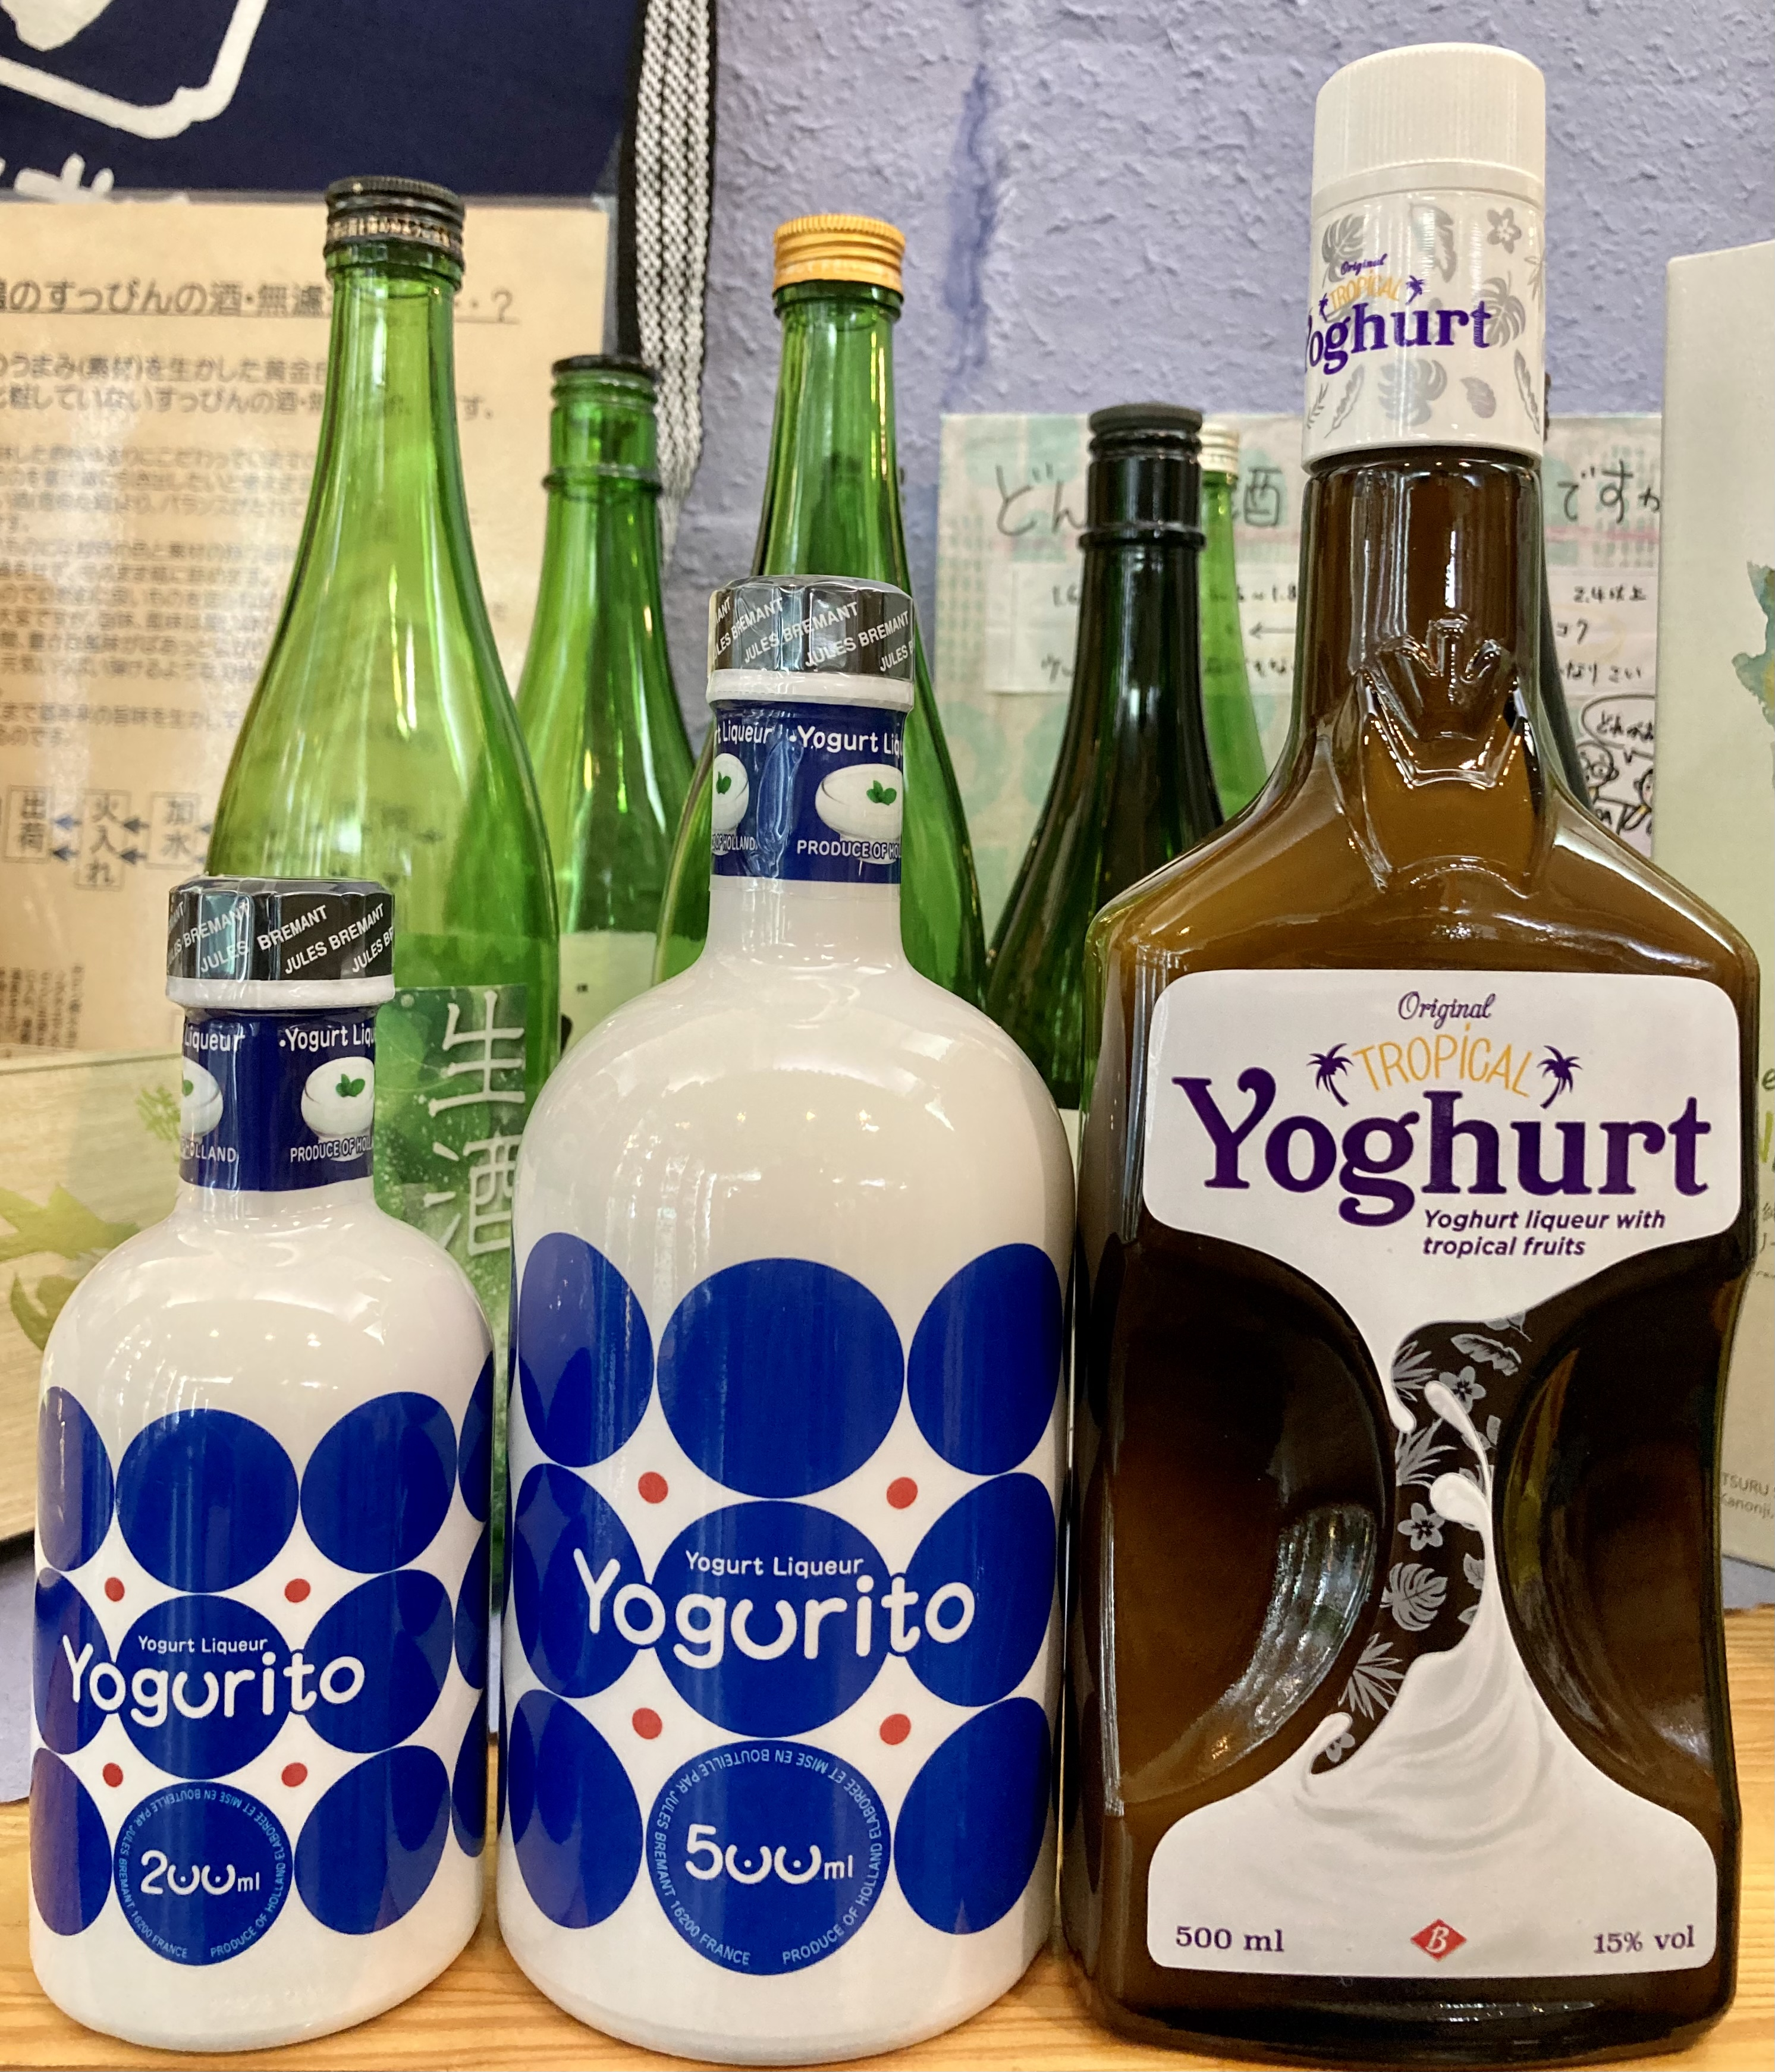 本日5月15日は「ヨーグルトの日」☆ ヨーグルトのお酒有りますよヽ(*´∀`)